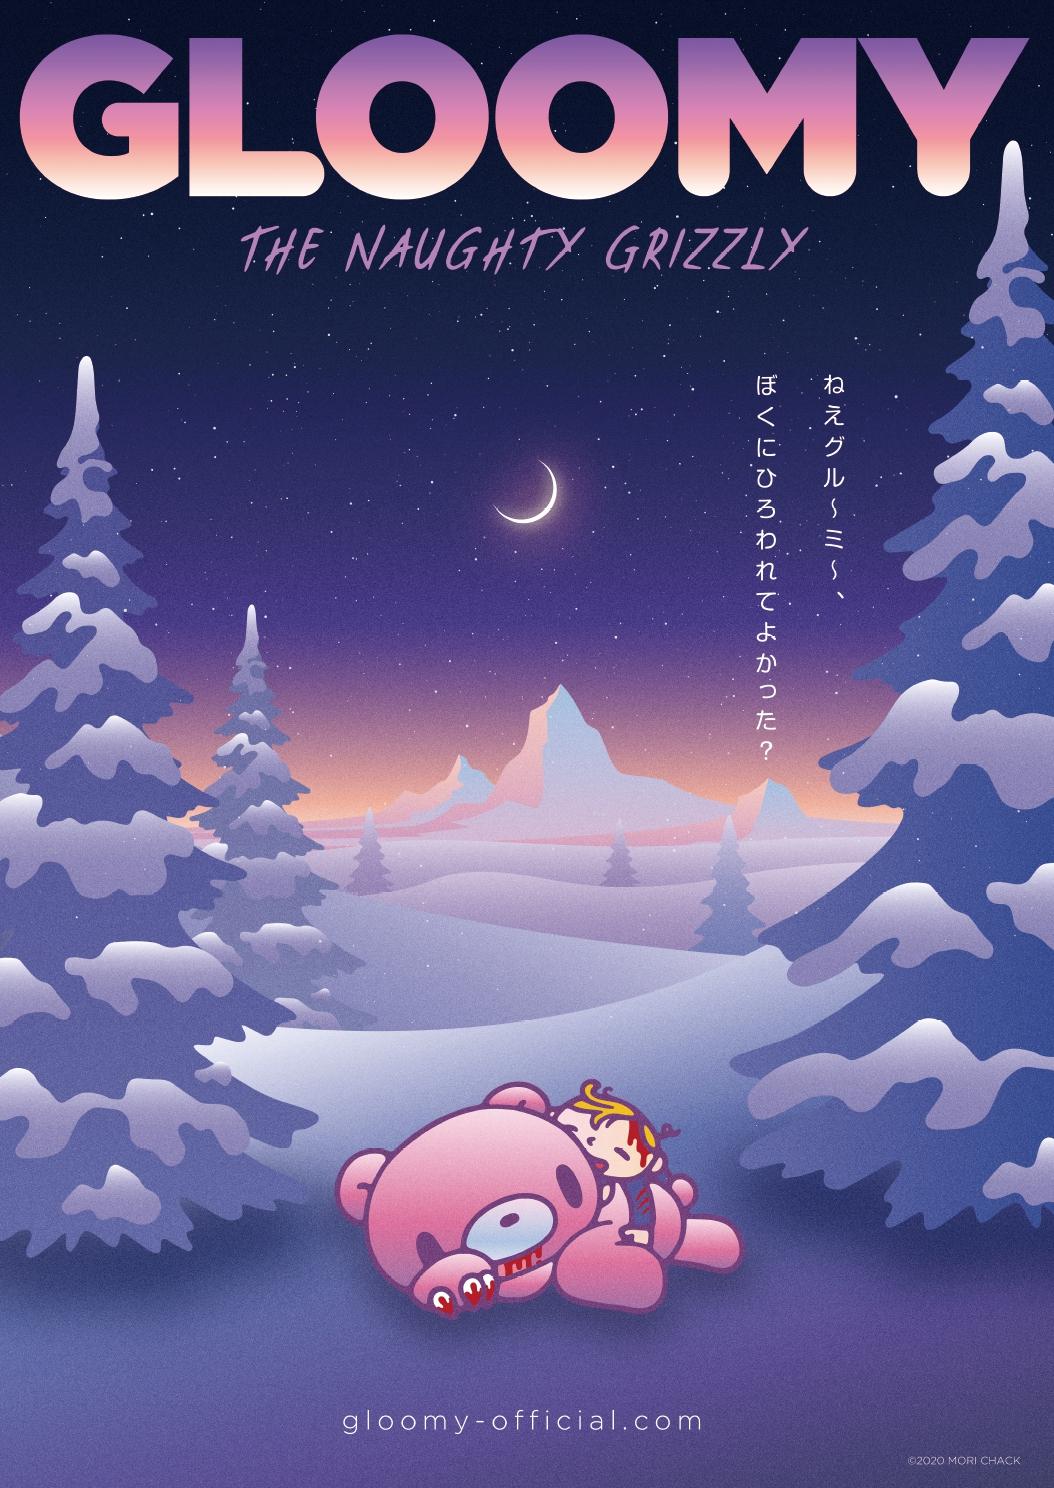 Una imagen clave para el próximo anime de televisión Gloomy the Naughty Grizzly, que presenta a Gloomy manchado de sangre y su dueño, Pity, descansando en un campo nevado bajo un cielo estrellado.